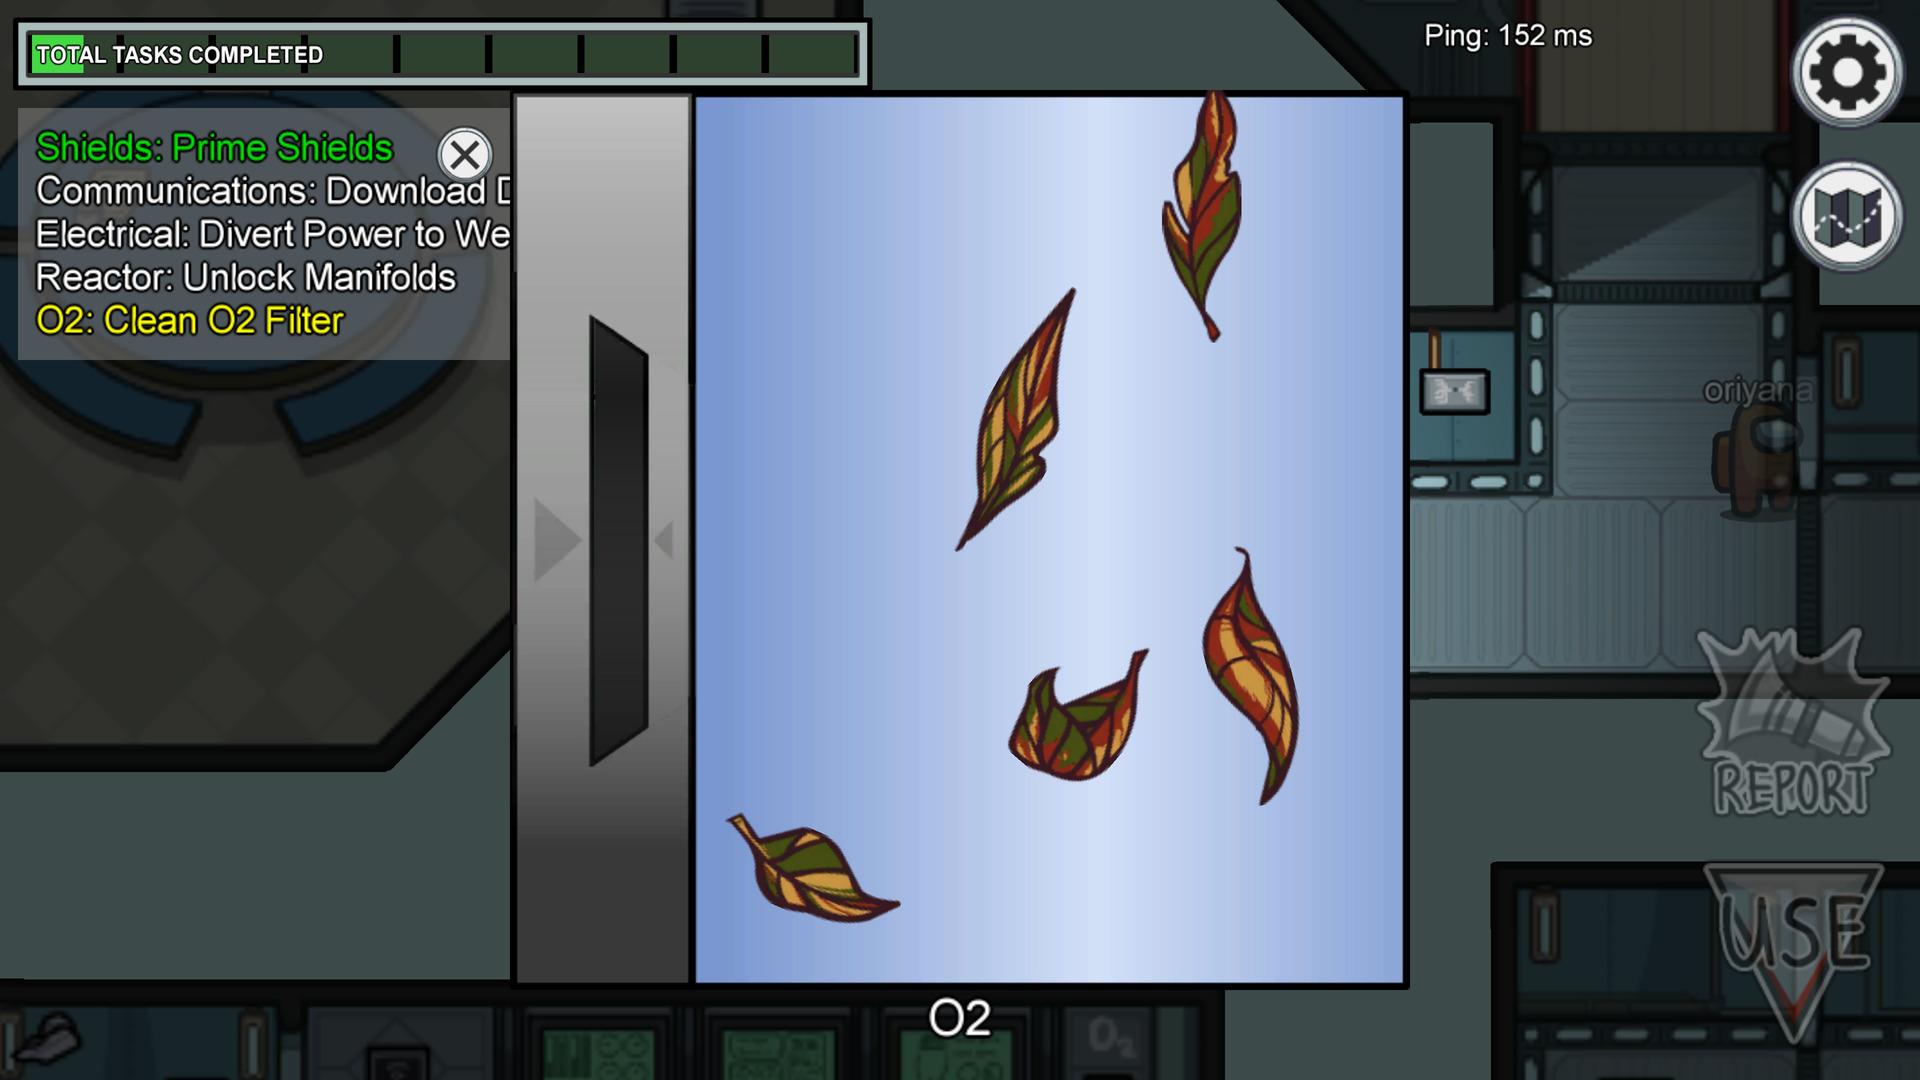 Ici les joueurs doivent glisser les feuilles dans la trappe afin de nettoyer le conduit d'air